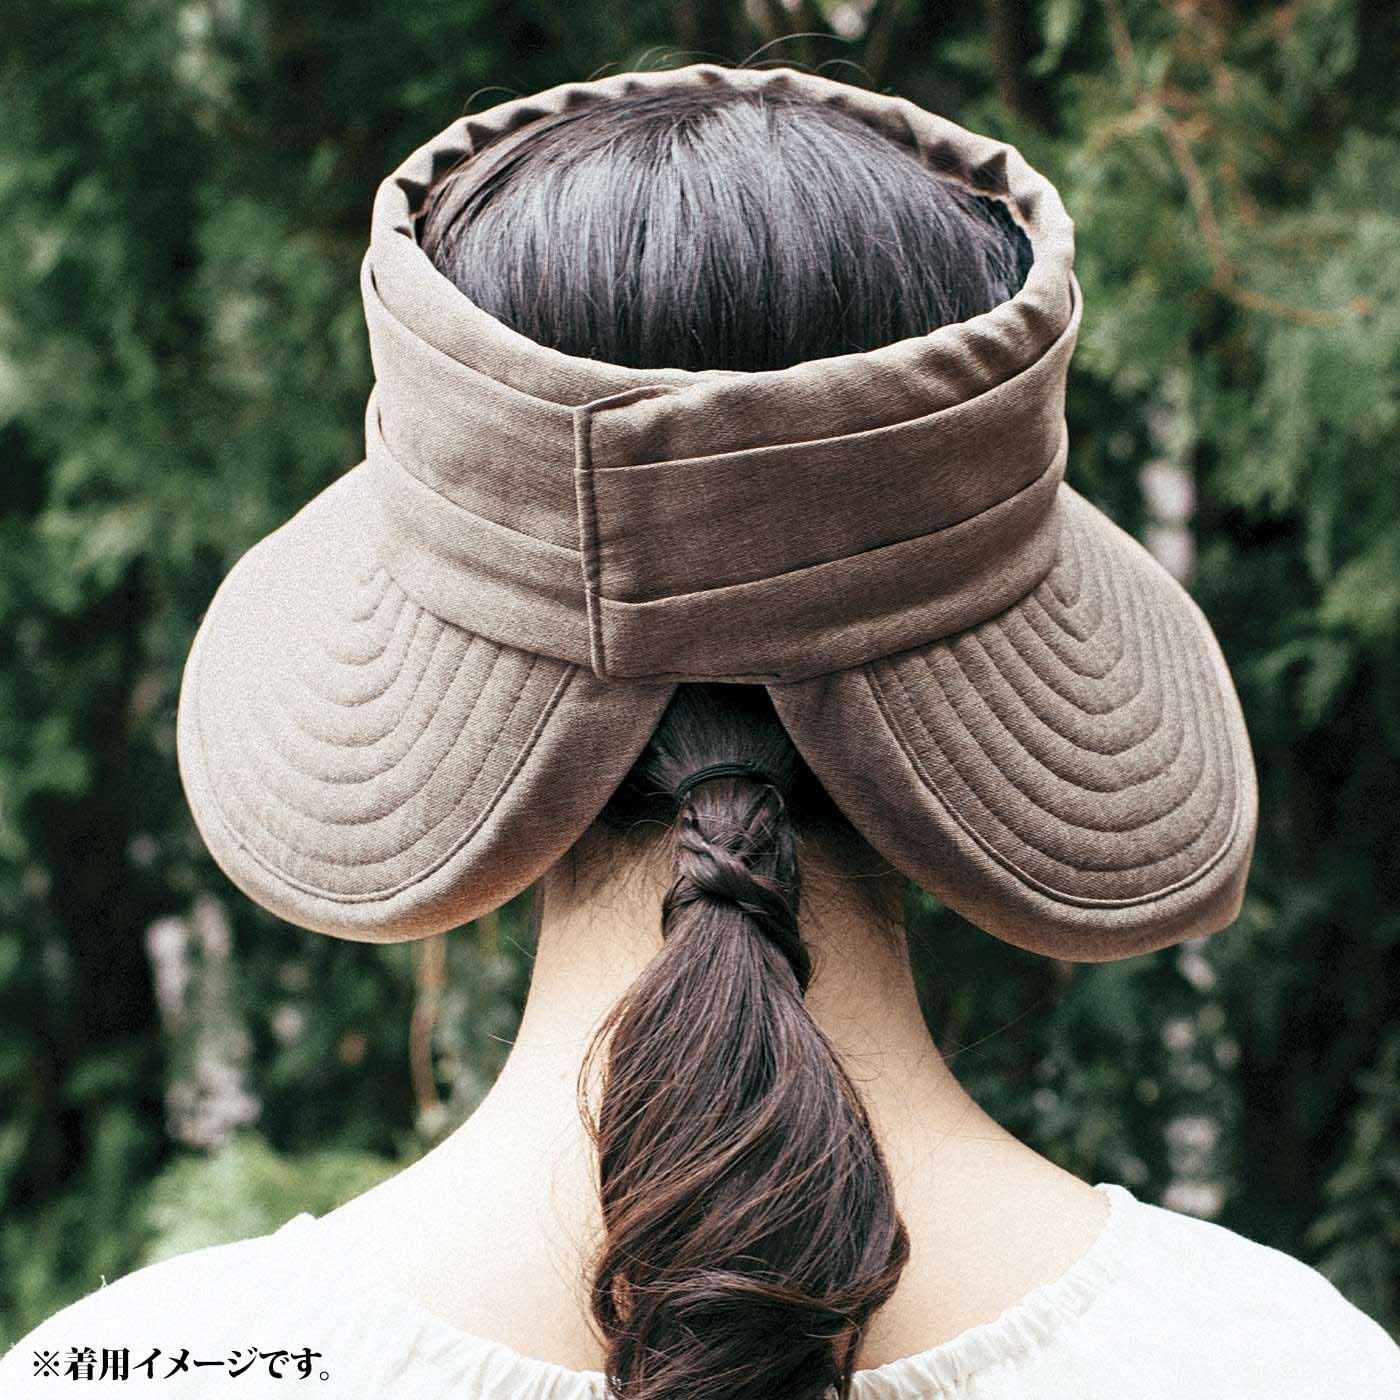 これは参考画像です。後ろのつばが開いているので低めの位置のポニーテールやおだんごヘアが出せる。